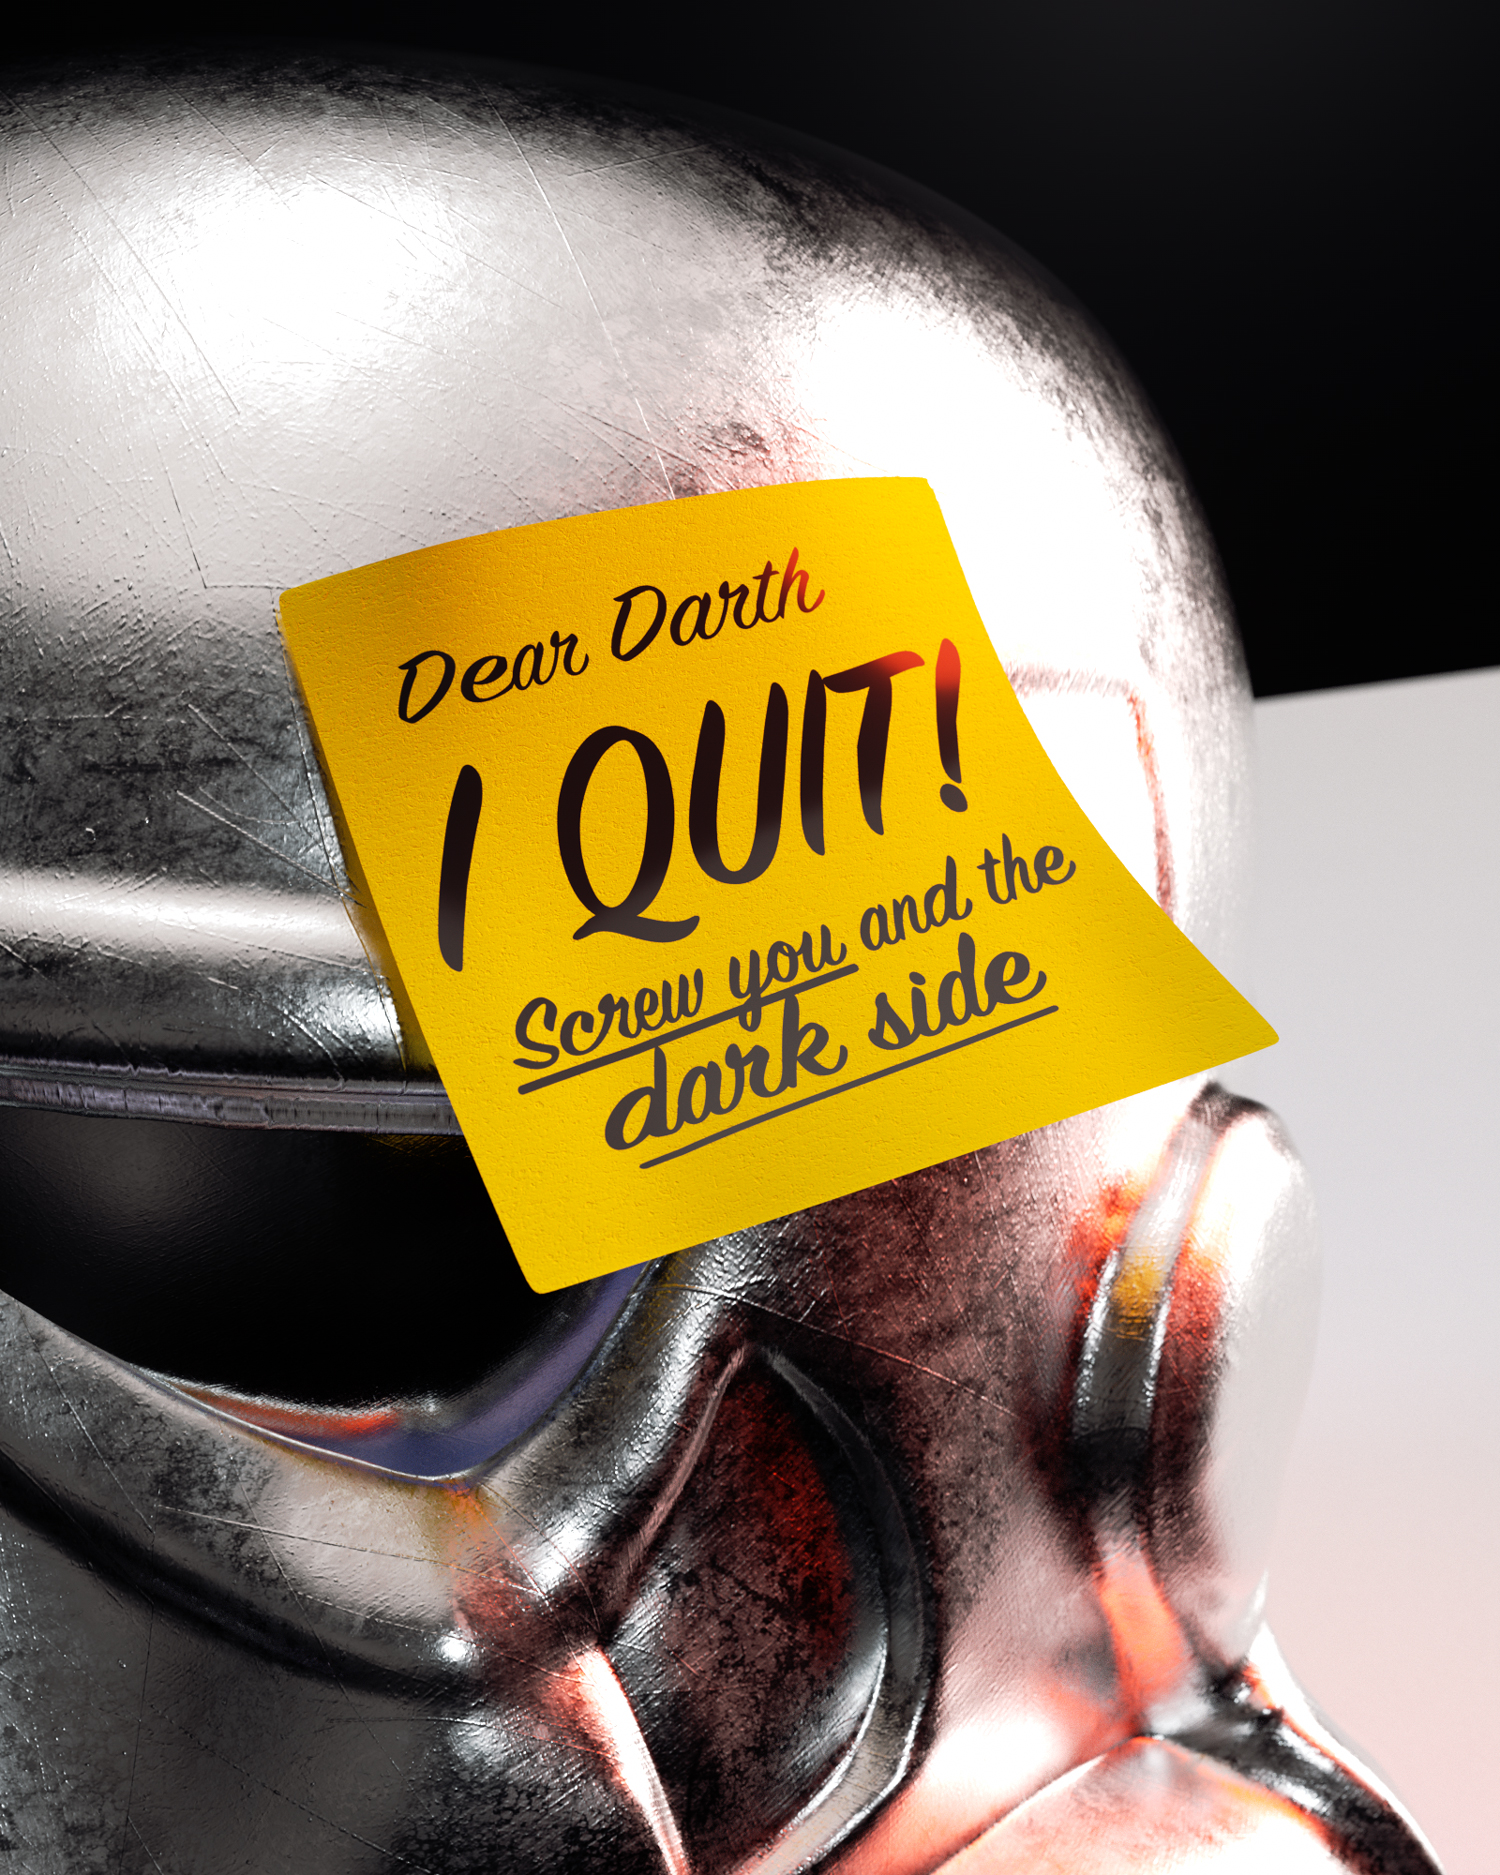 May-4th-Dear-Darth_02.jpg